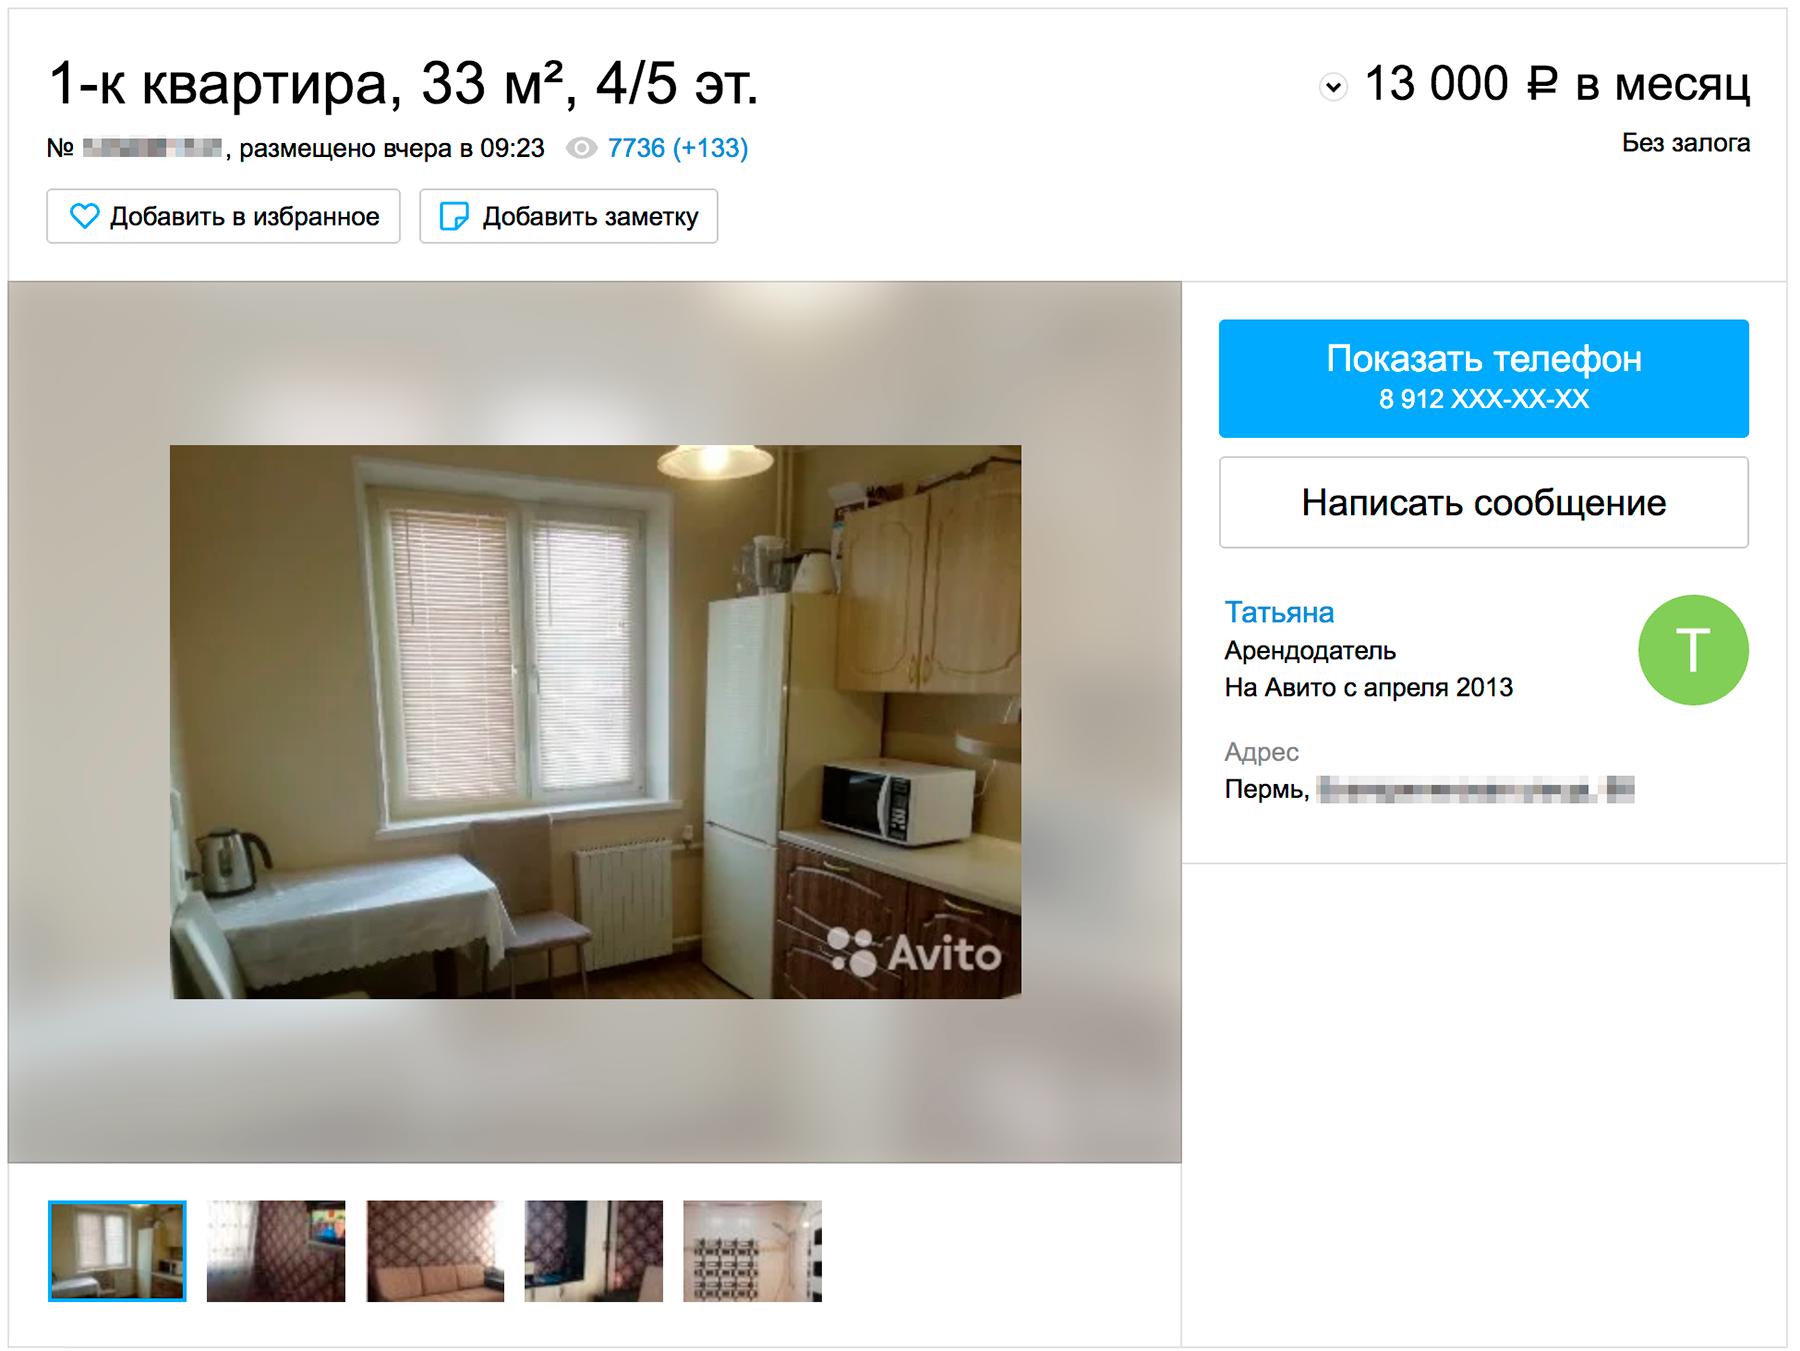 Аренда обычной однушки в пятиэтажном доме стоит 13 тысяч в месяц